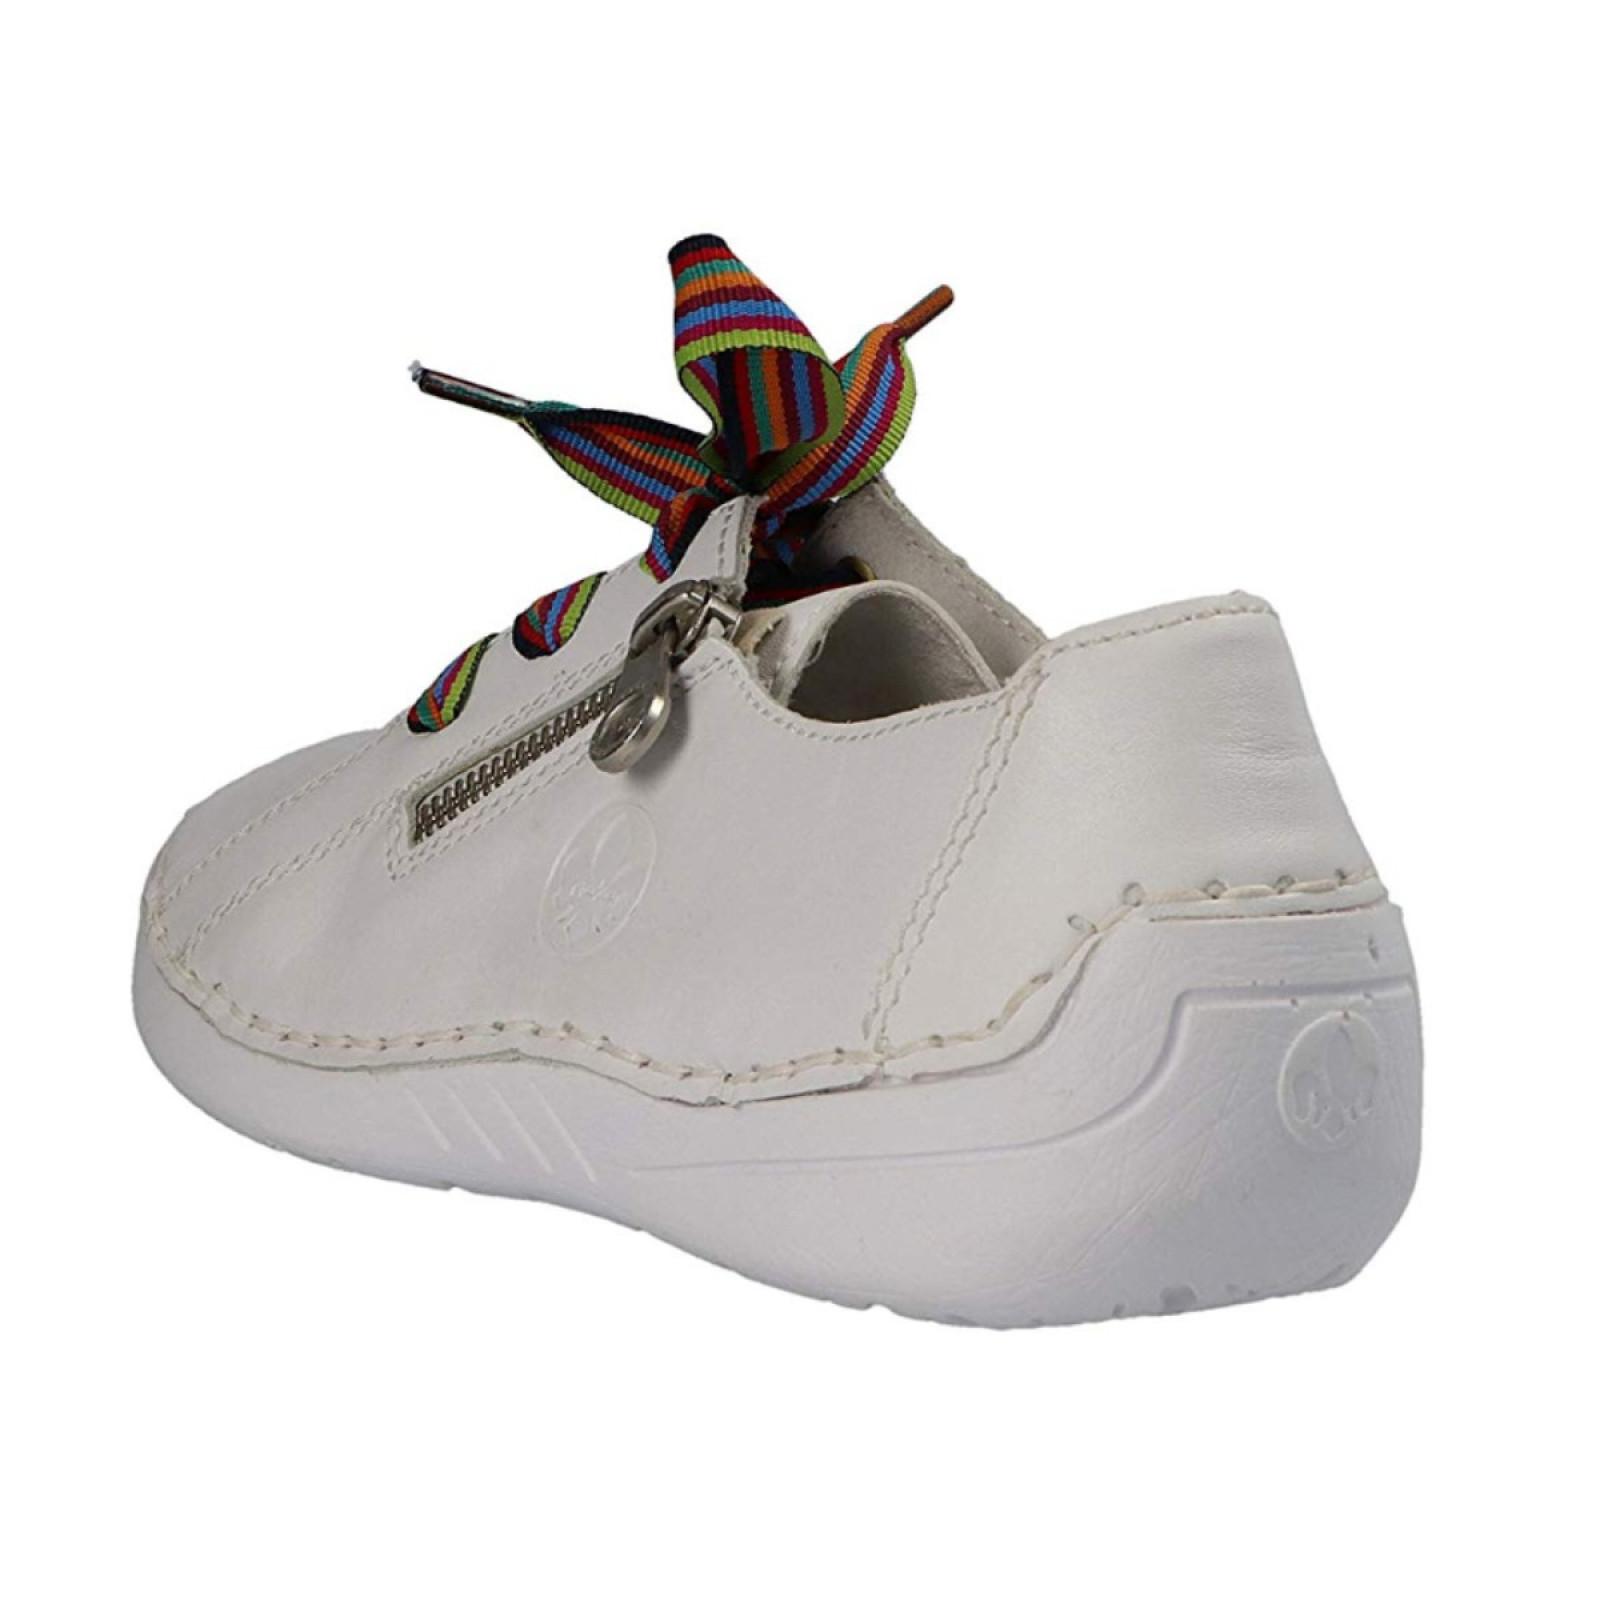 Rieker női sportos fűzős fehér félcipő 52511 80 Newark